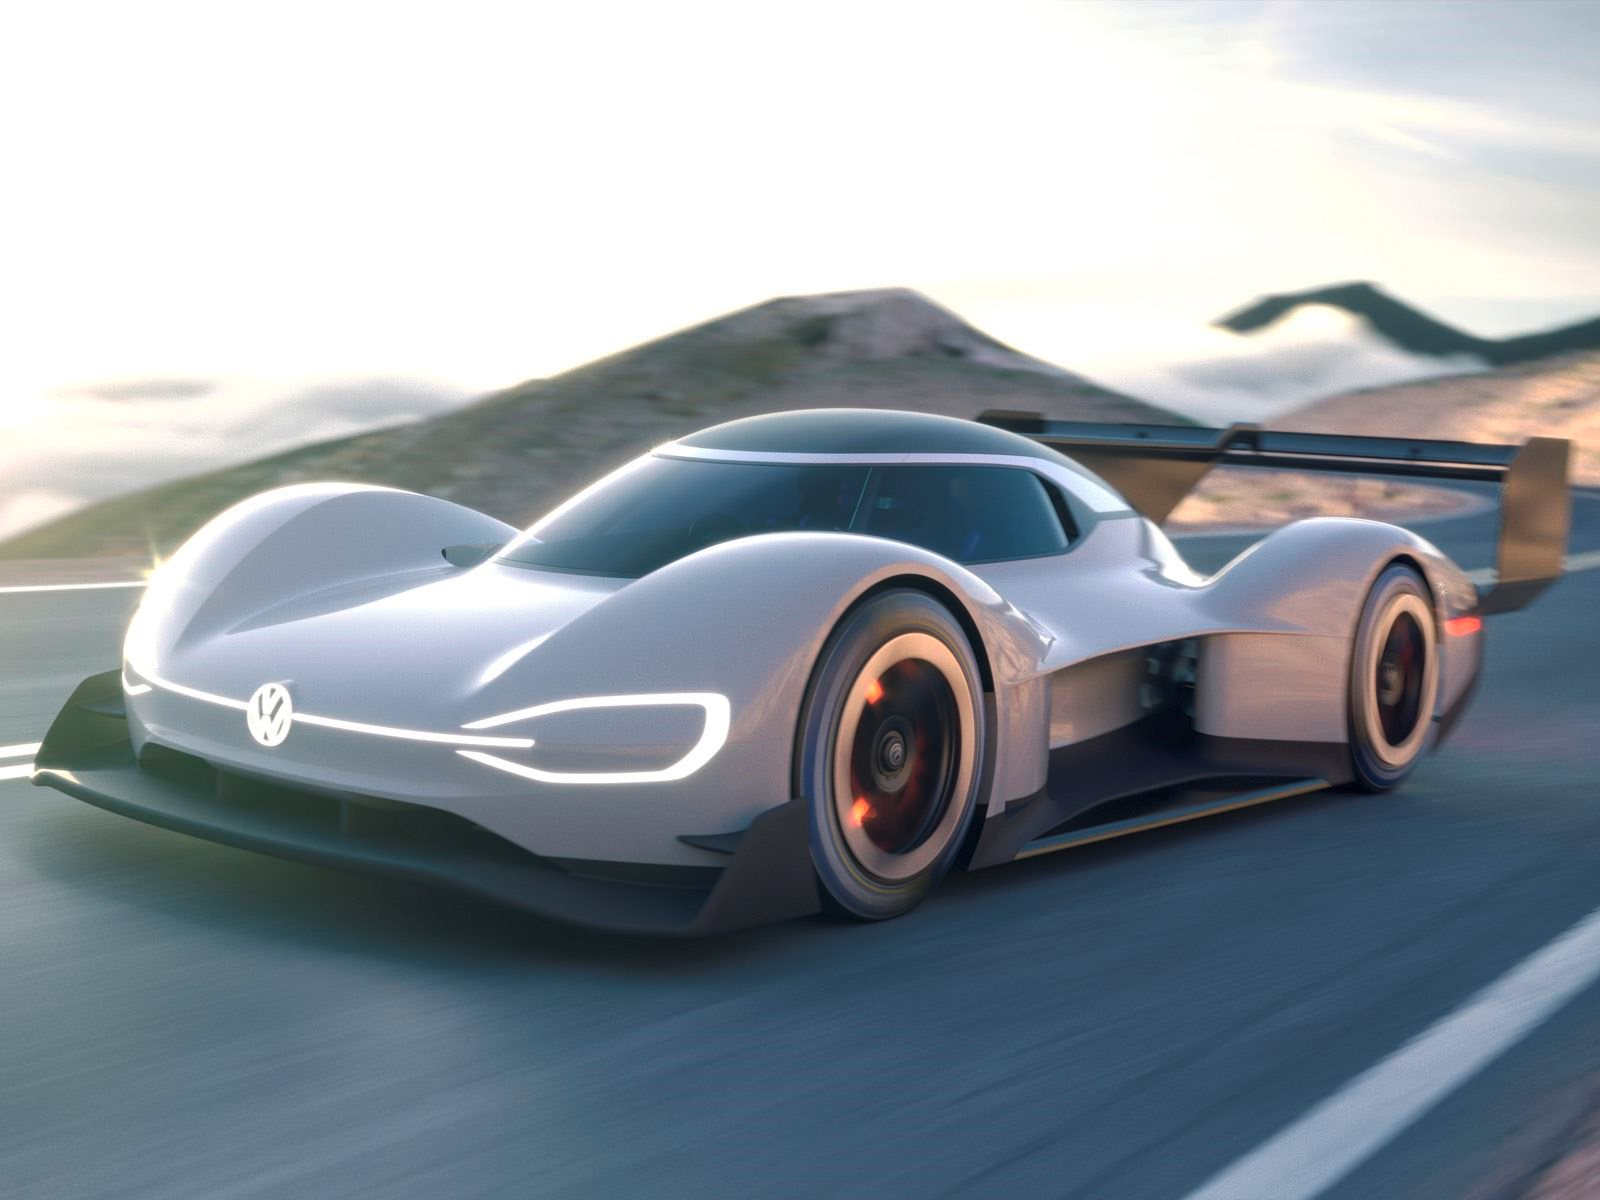 Volkswagen заявил, что новый гонщик быстрее, чем автомобили Формулы-1 и Формулы-E.